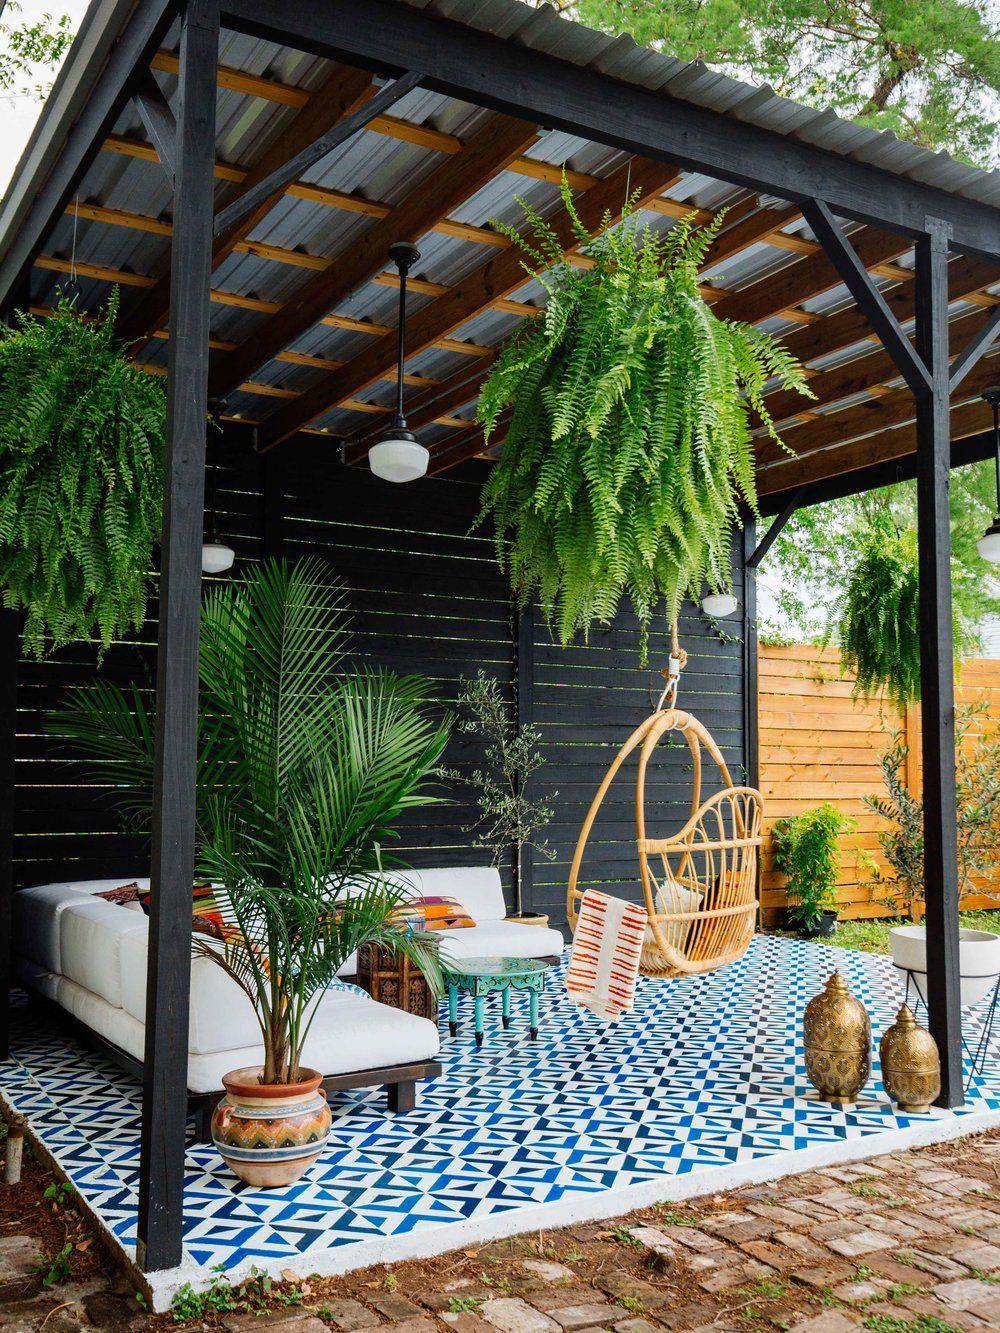 Patio Diy Painted Floor Tiles Diy Patio Backyard Patio